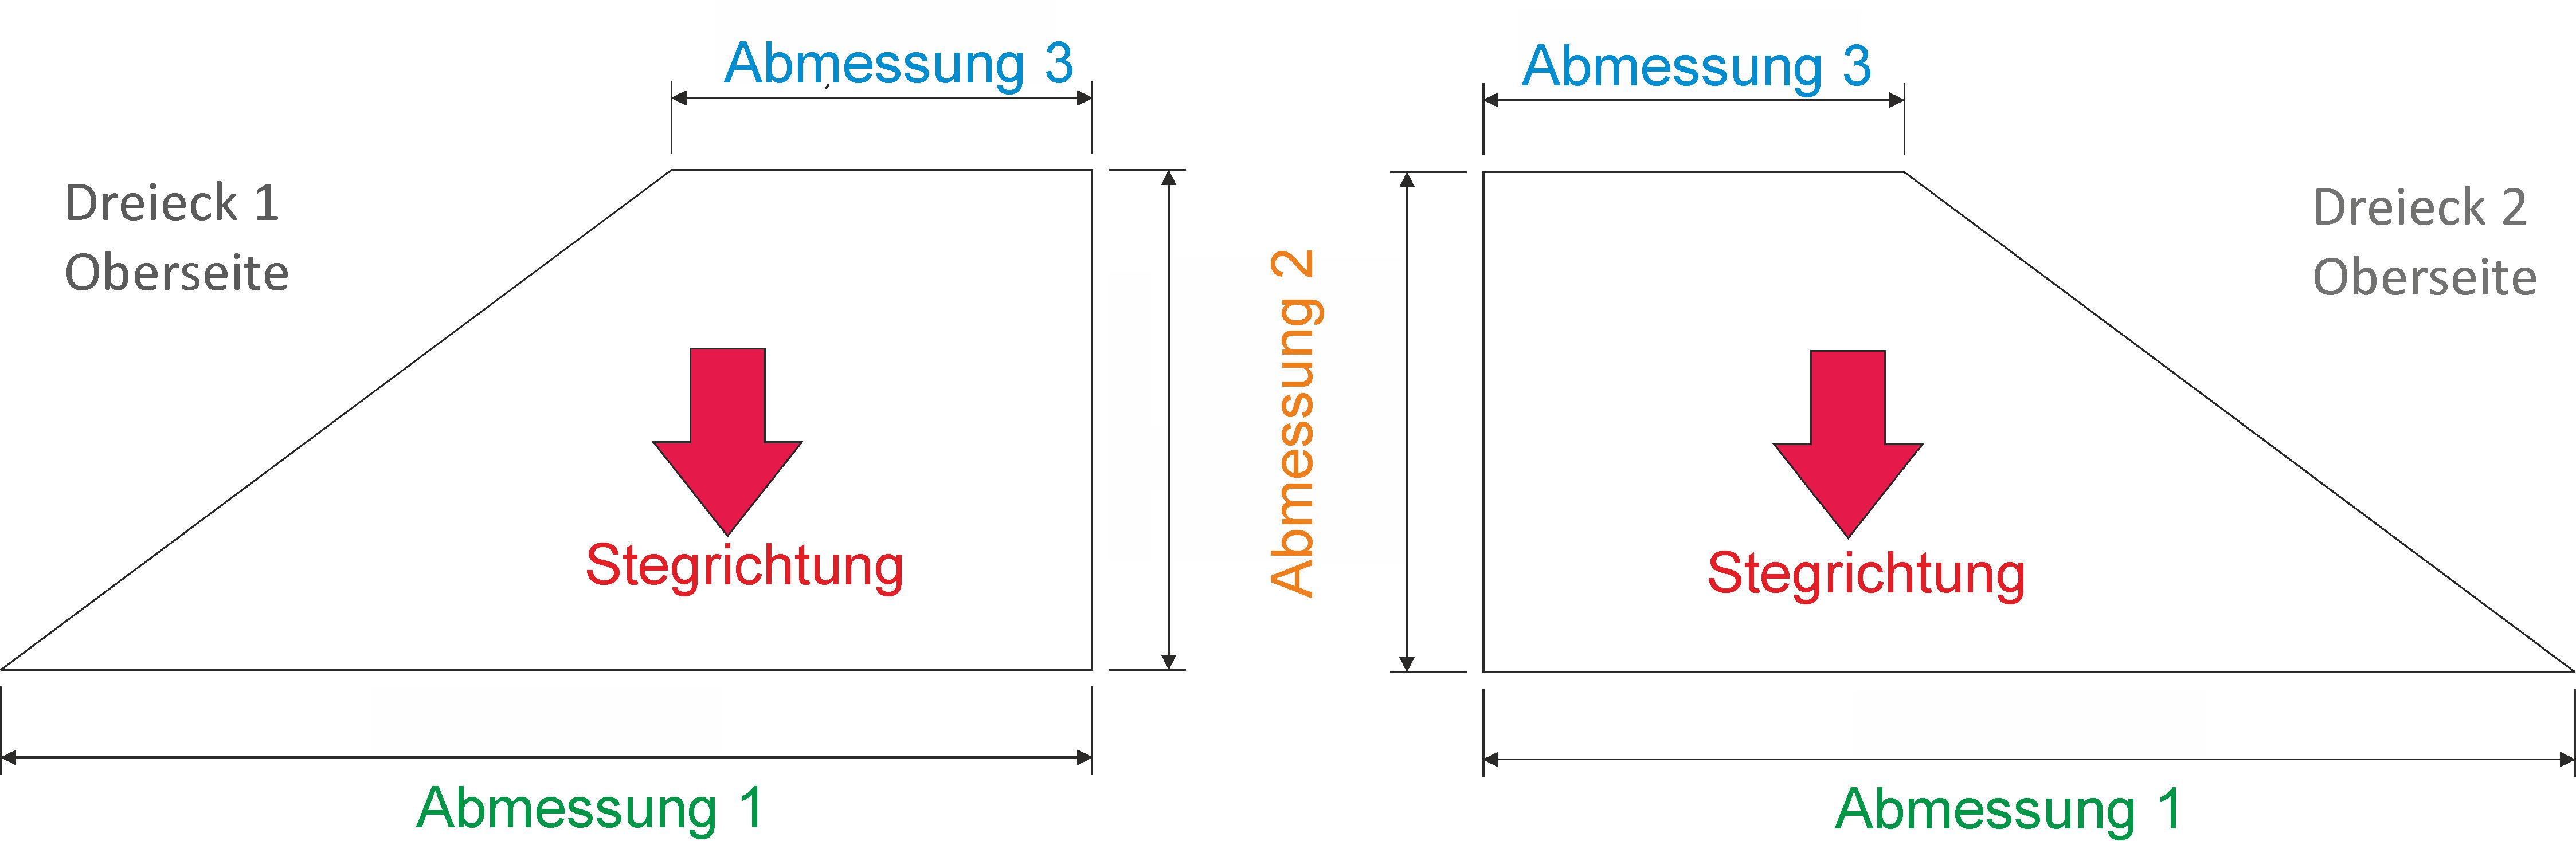 Abmessungen für Dreiecke im Zuschnitt